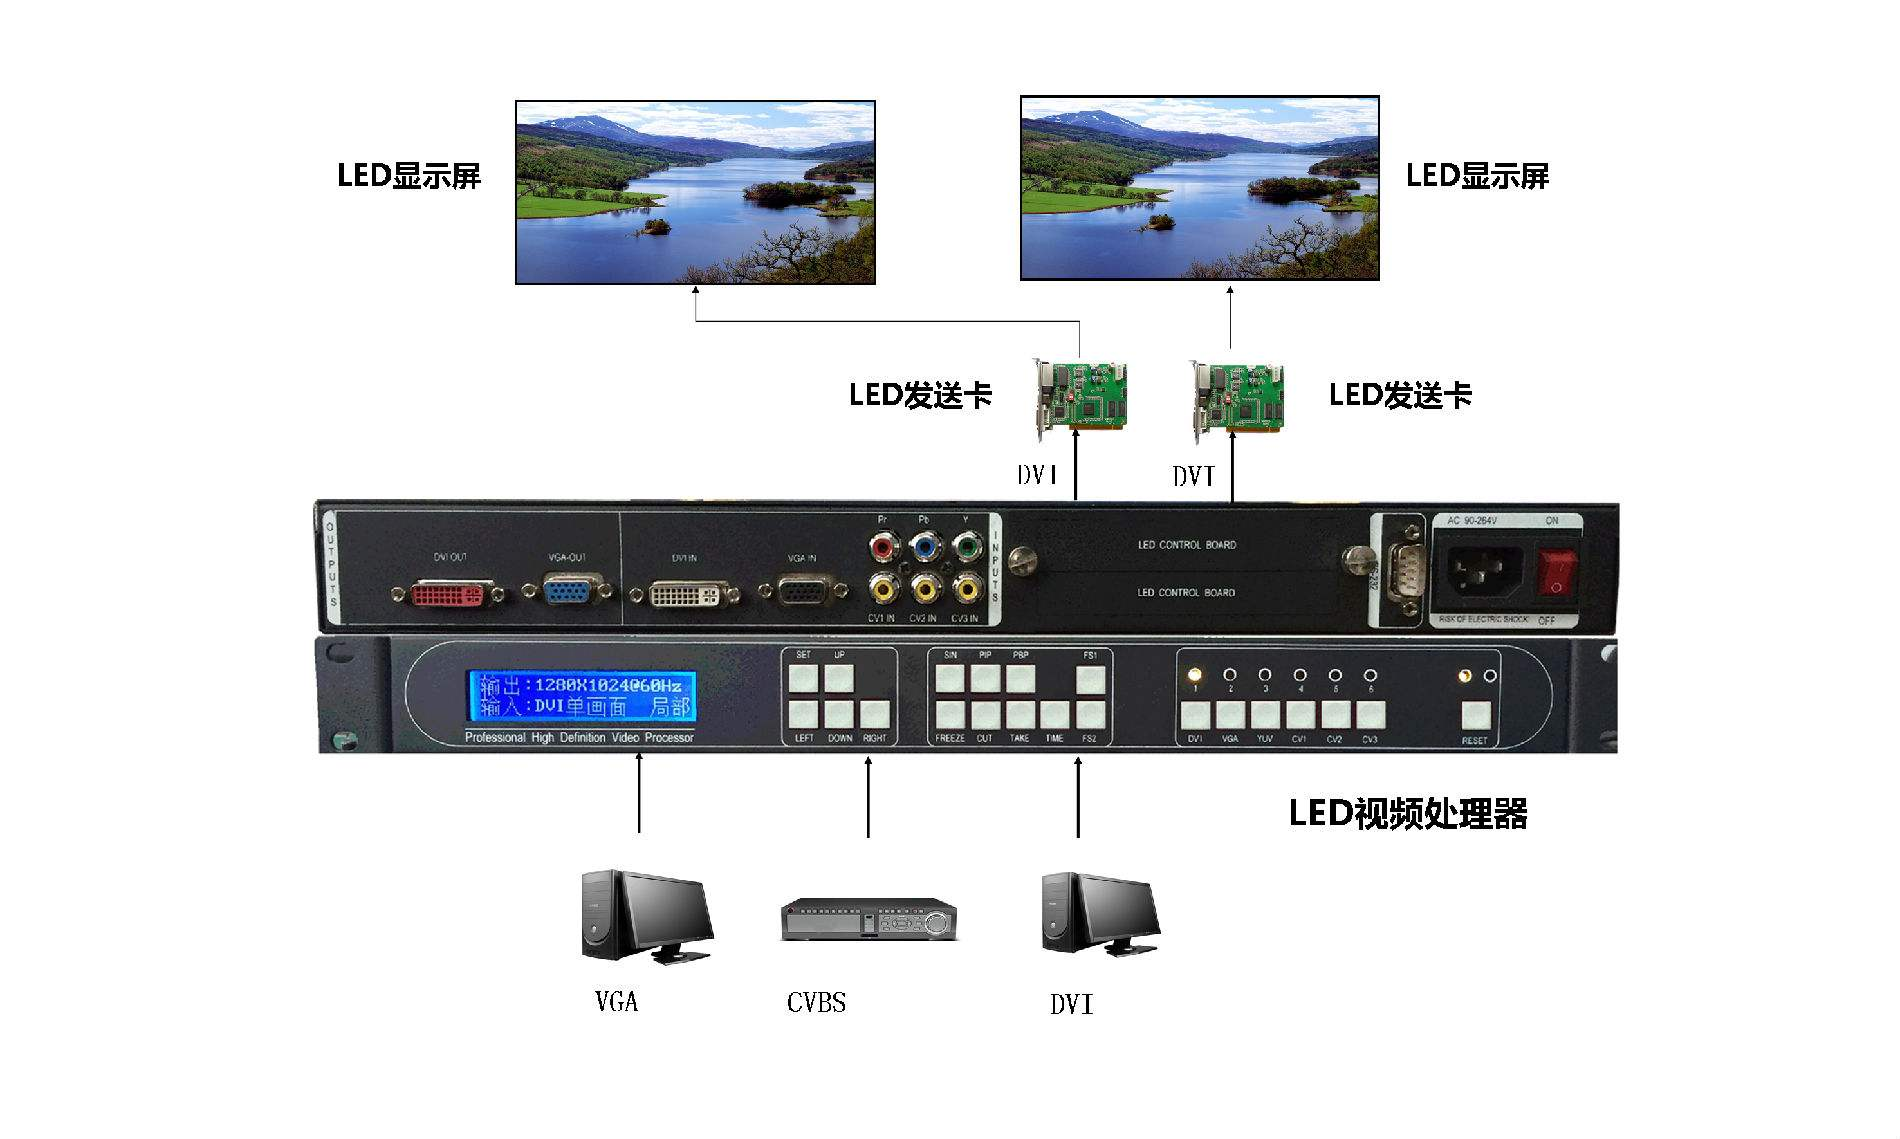 LED大屏显示系统